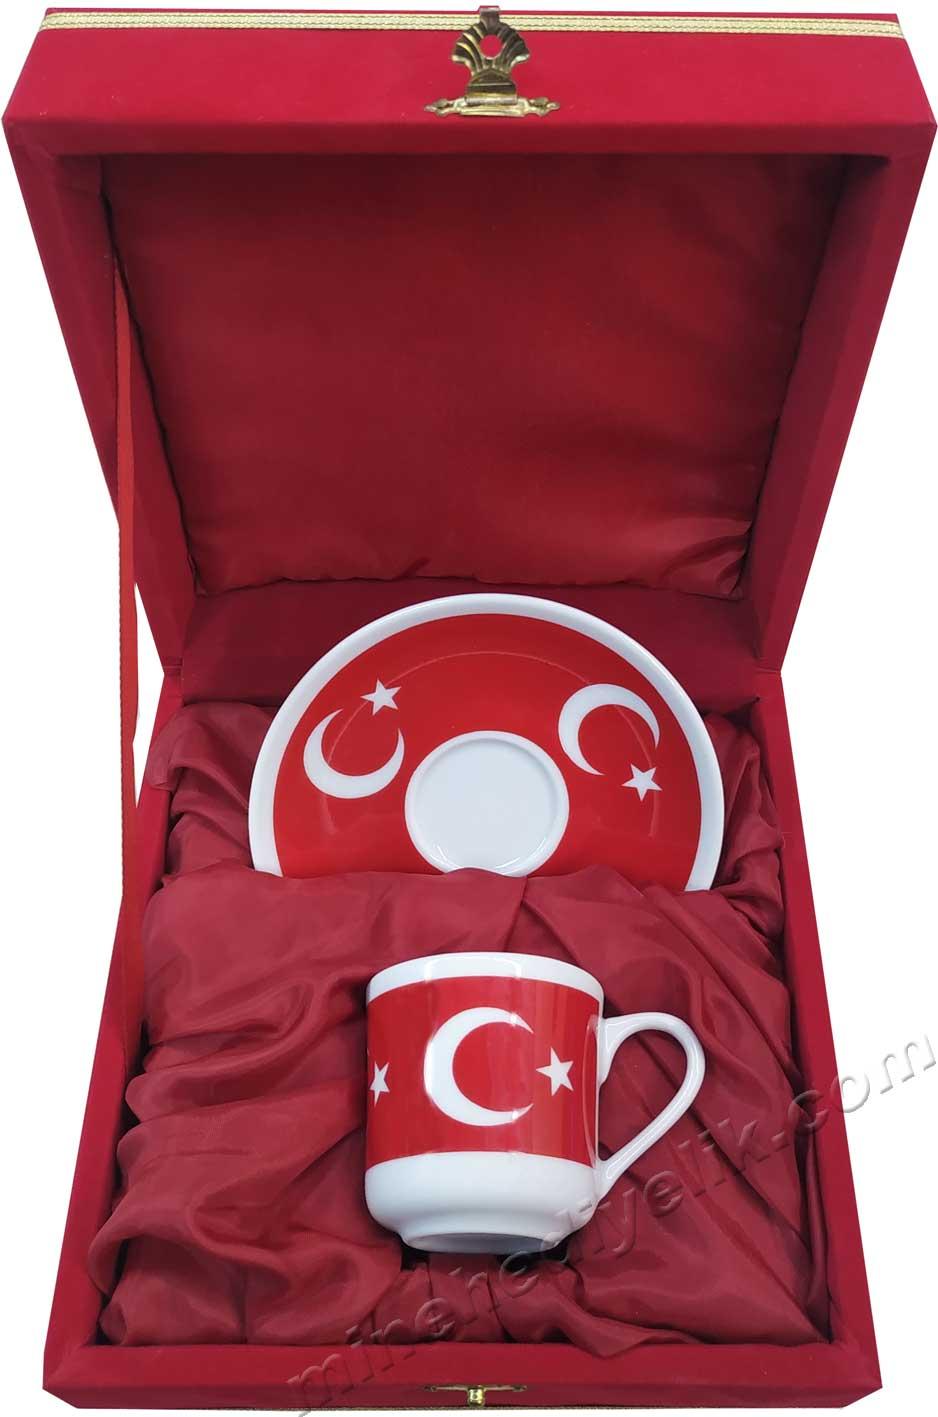 Tekli Ay yıldız Türk Bayraklı Kahve Fincan Seti  Kırmızı Kadife Kutulu Hediyelik Tek Kişilik kurumsal promosyon Kahve Fincanları Toptan Satış Fiyatları